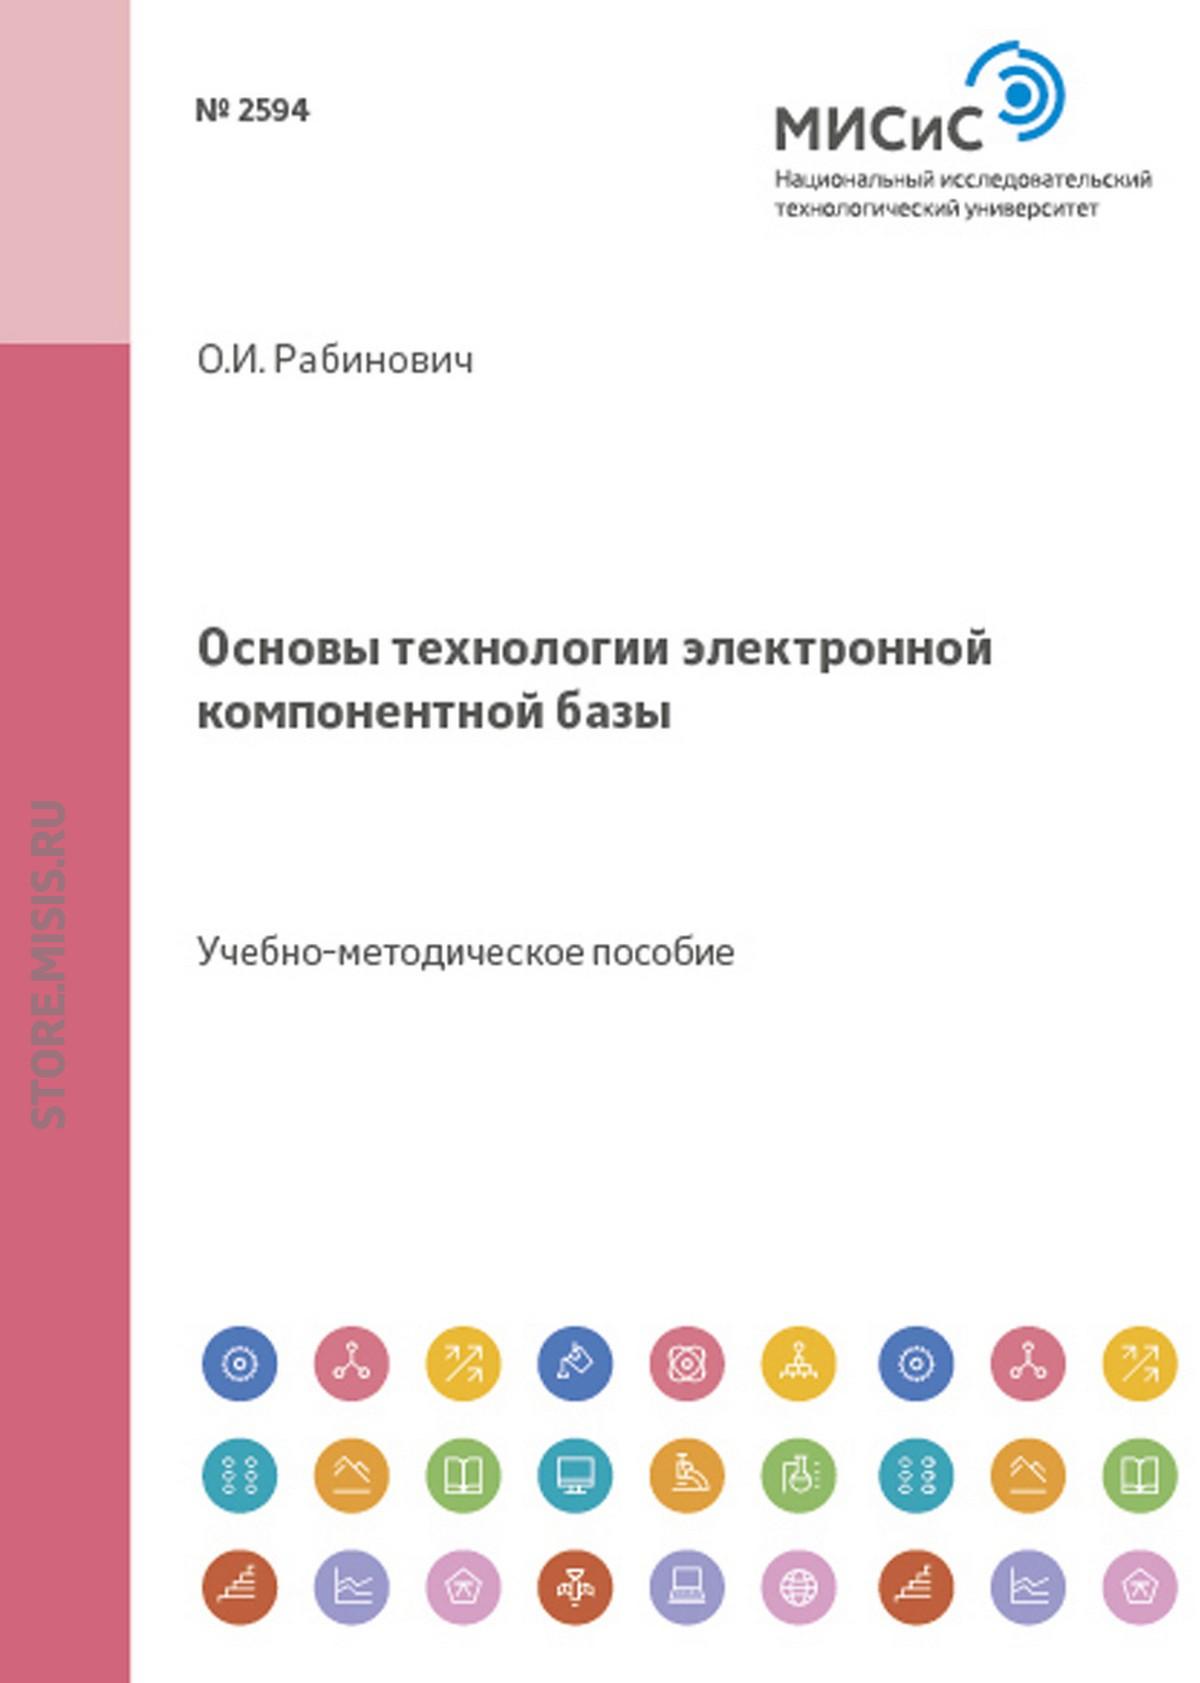 Дмитрий Крутогин Основы технологии элеткронной компонентной базы дмитрий крутогин основы технологии элеткронной компонентной базы